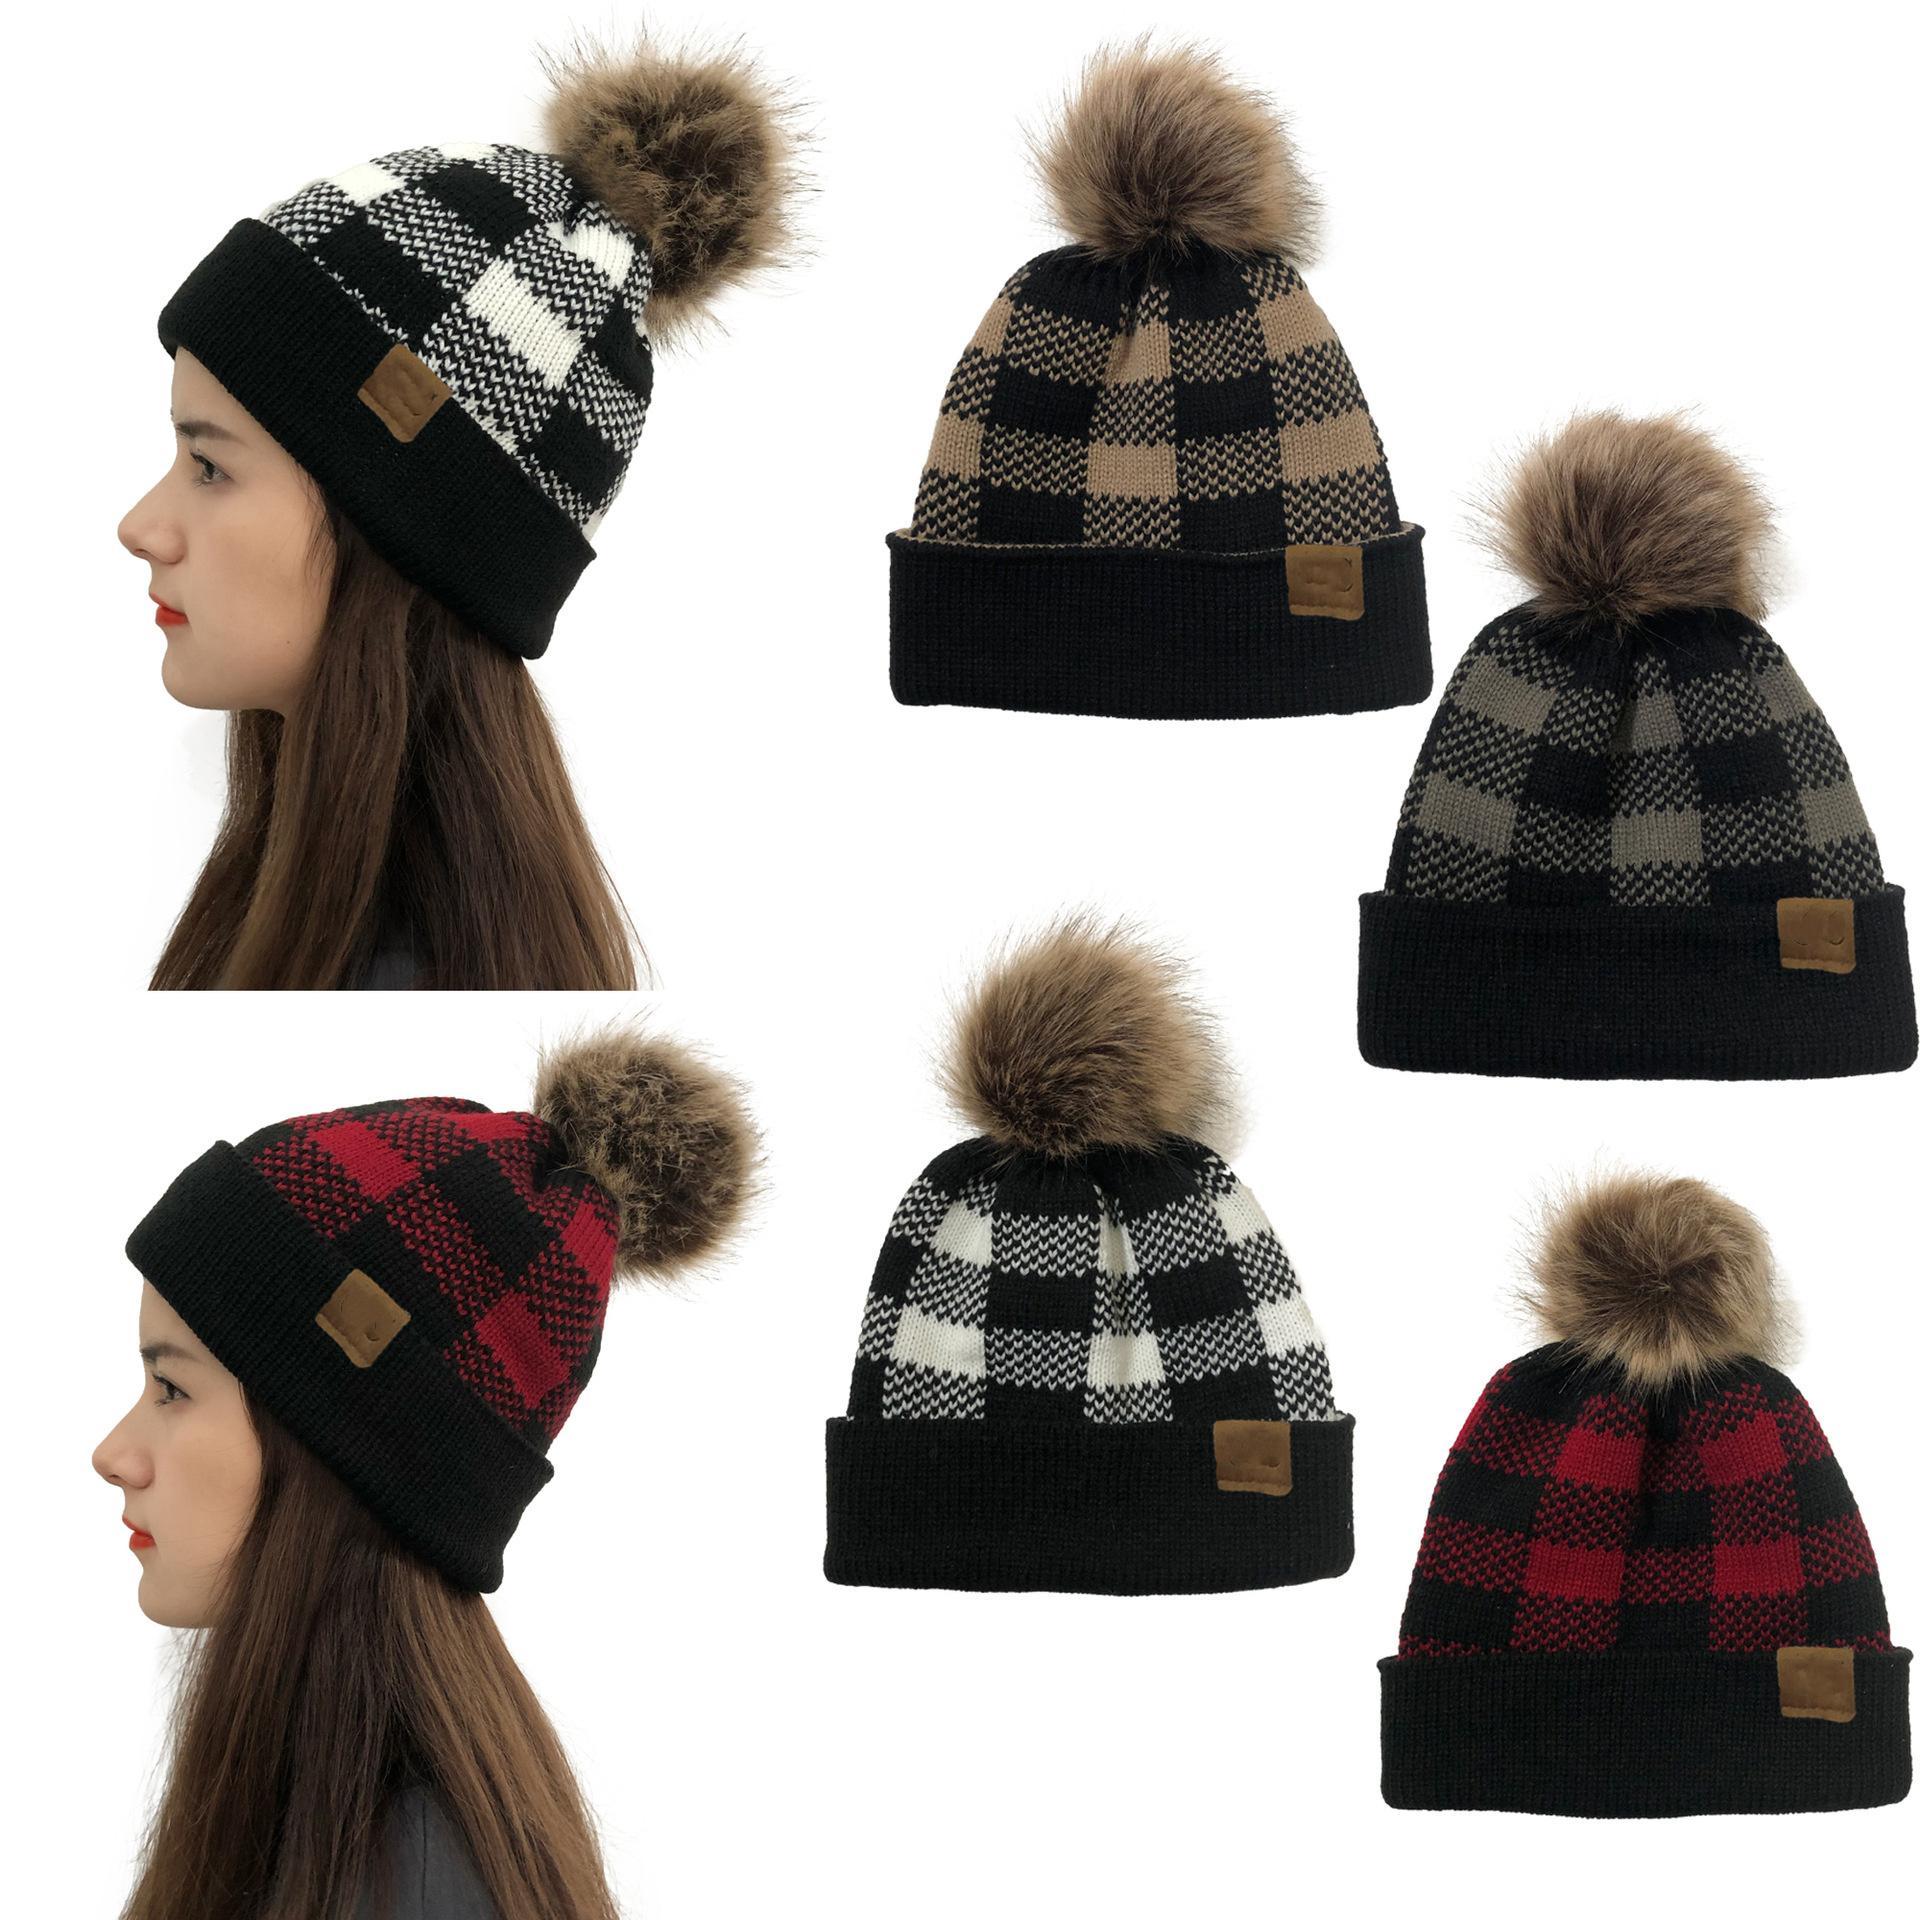 جديد الصوف قبعة عيد الميلاد شعرية وضع علامات الصوف القابلة للفصل الكرة كرة لوليد محبوك الشتاء قبعة دافئة للرجال والنساء المصممين قبعة القبعات